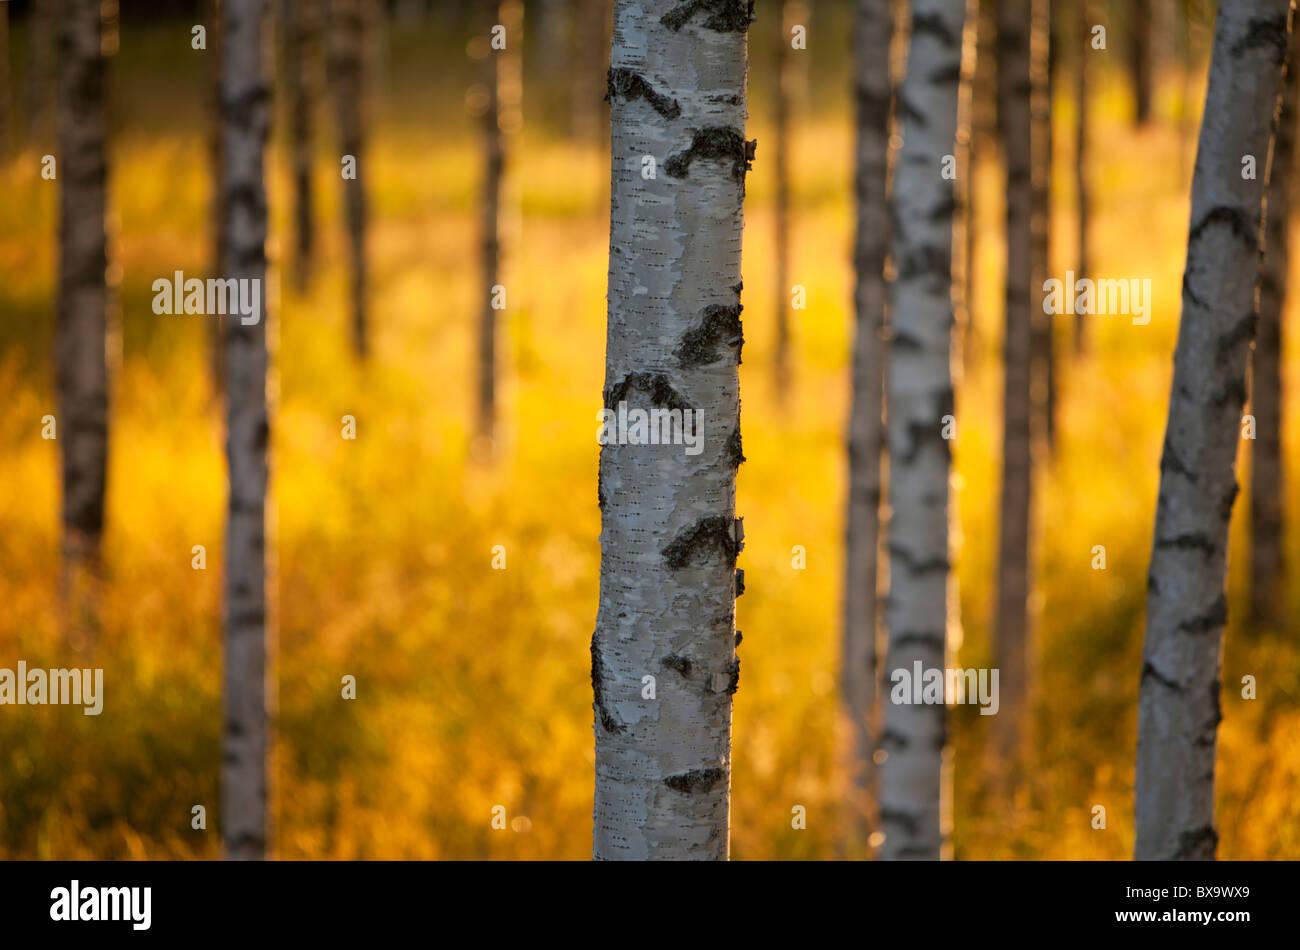 Vue de groupe de jeunes arbres de bouleau betula ( ) au soleil du soir Photo Stock